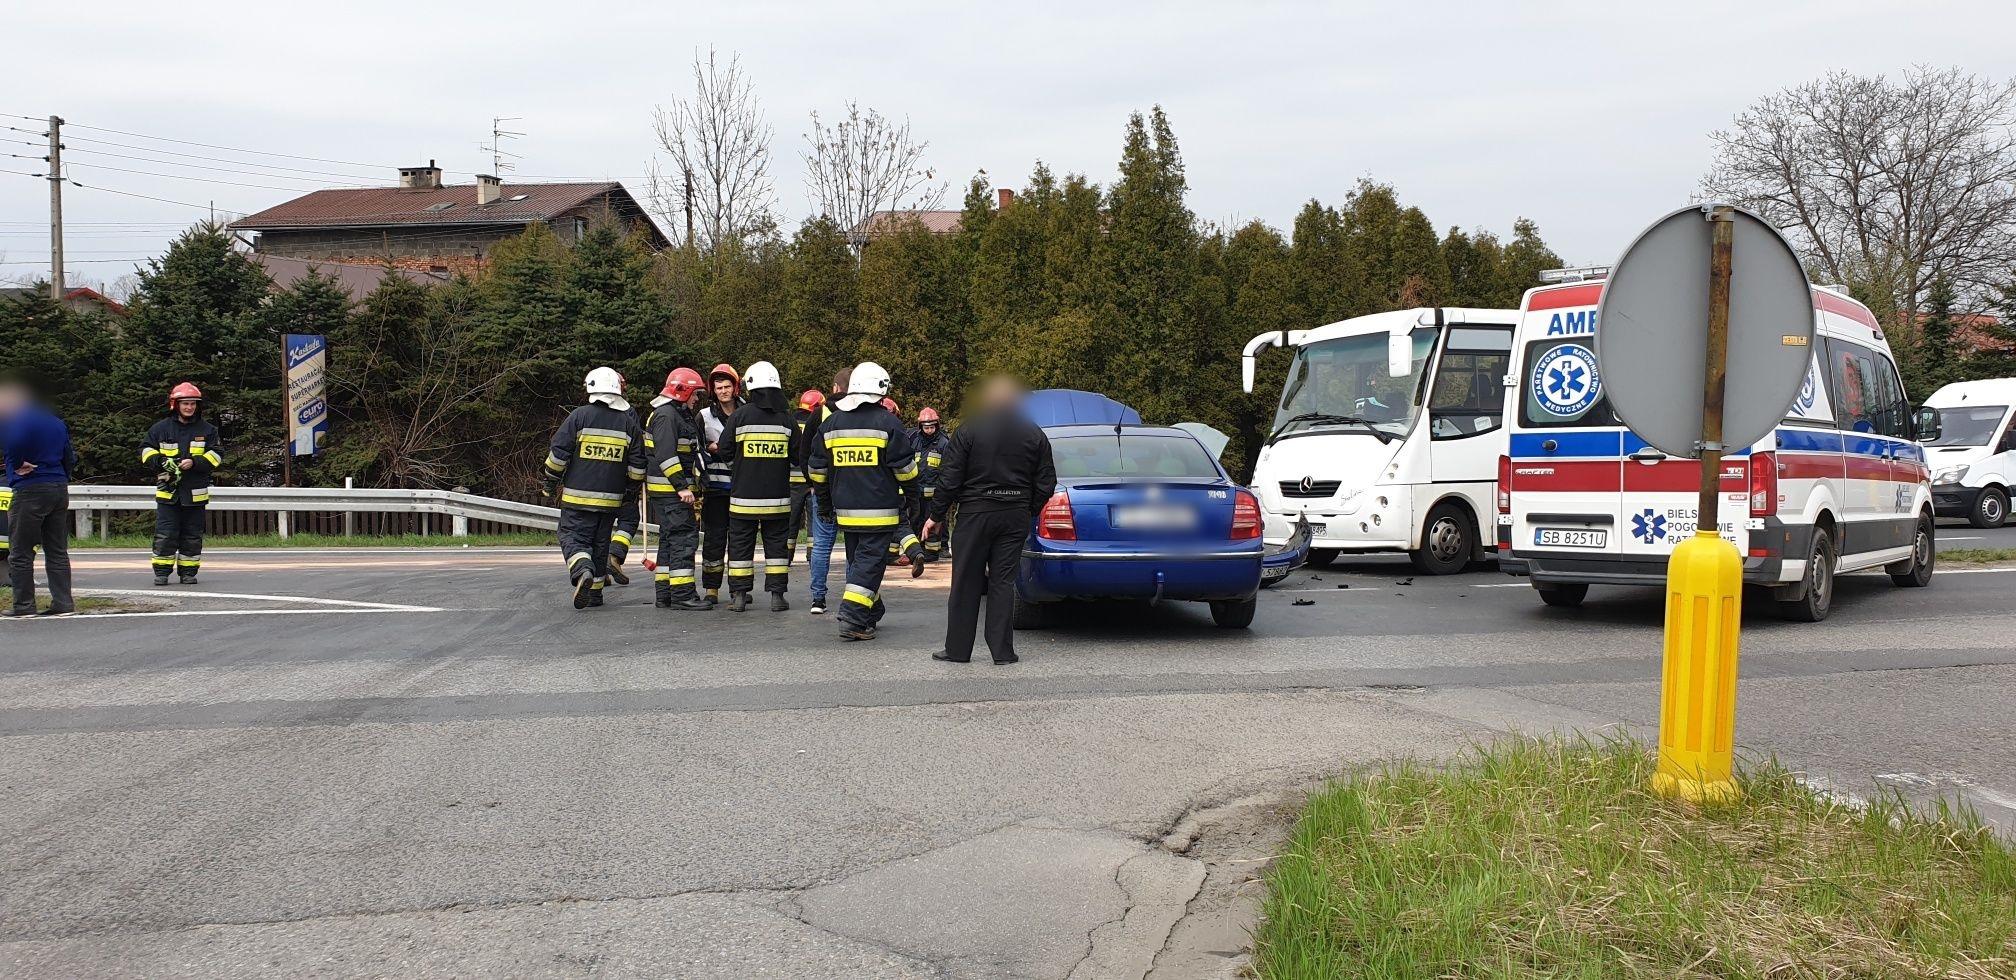 Poważny wypadek na skrzyżowaniu [FOTO]